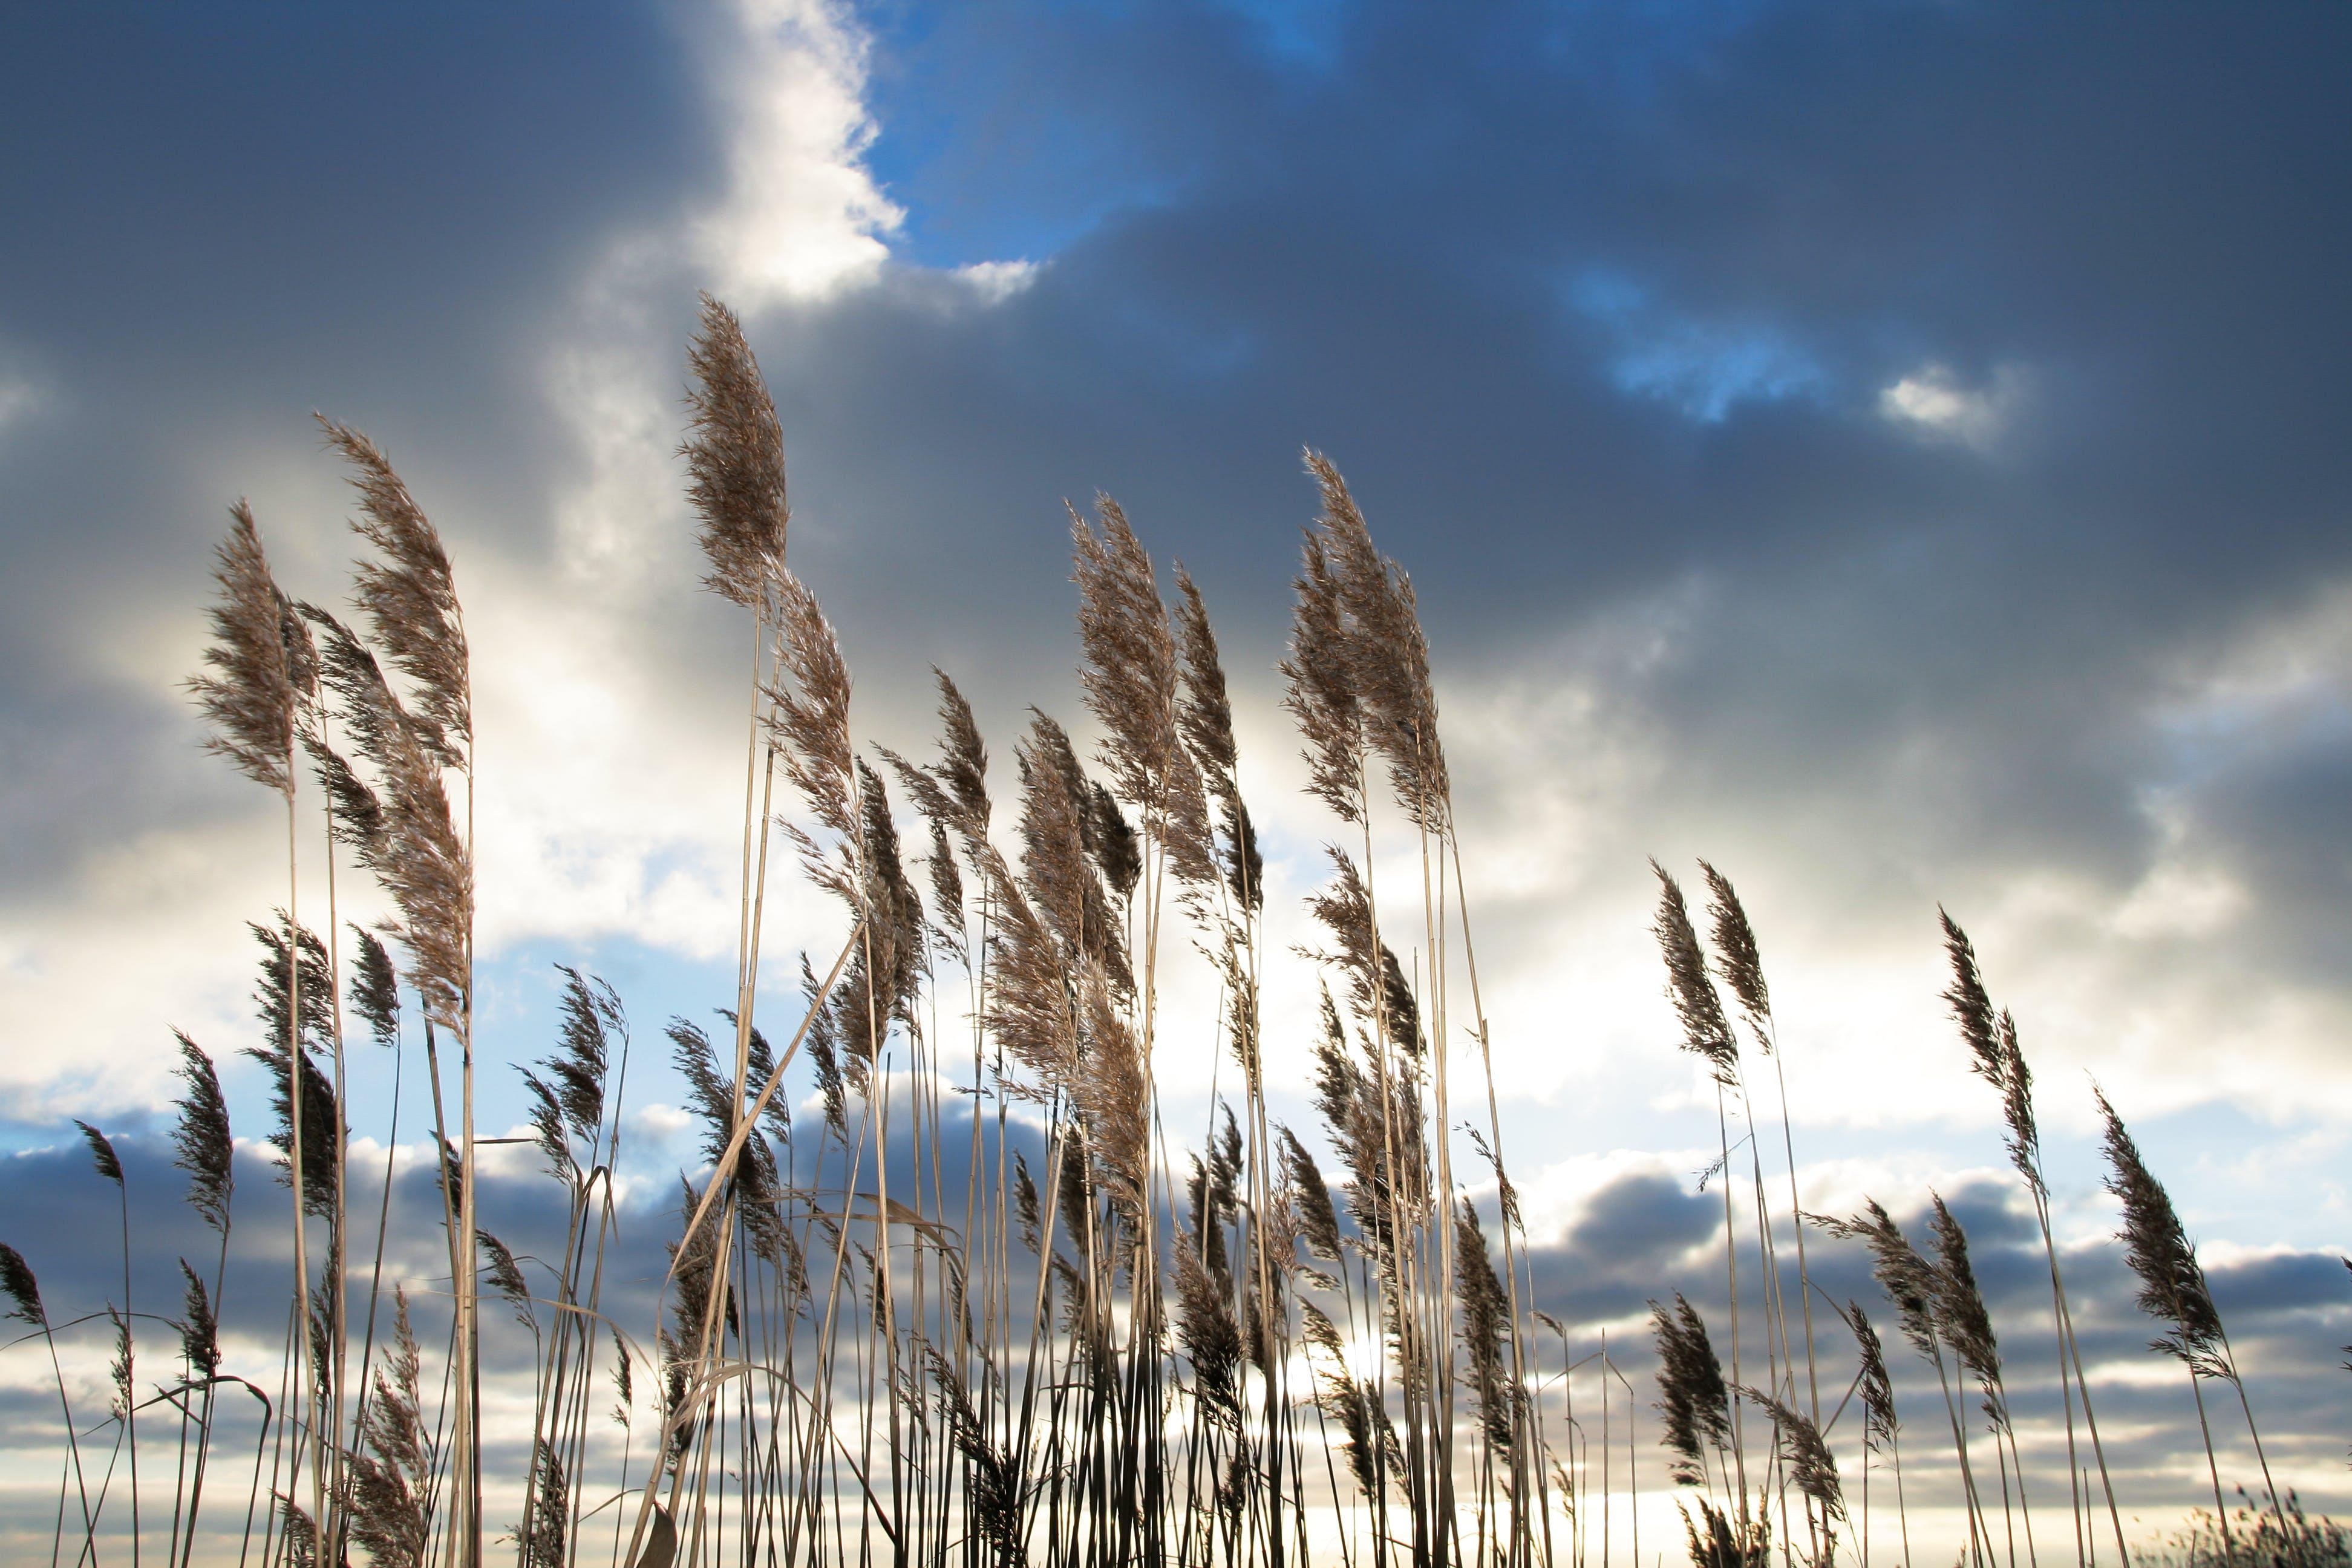 フィールド, 成長, 明るい, 草の無料の写真素材